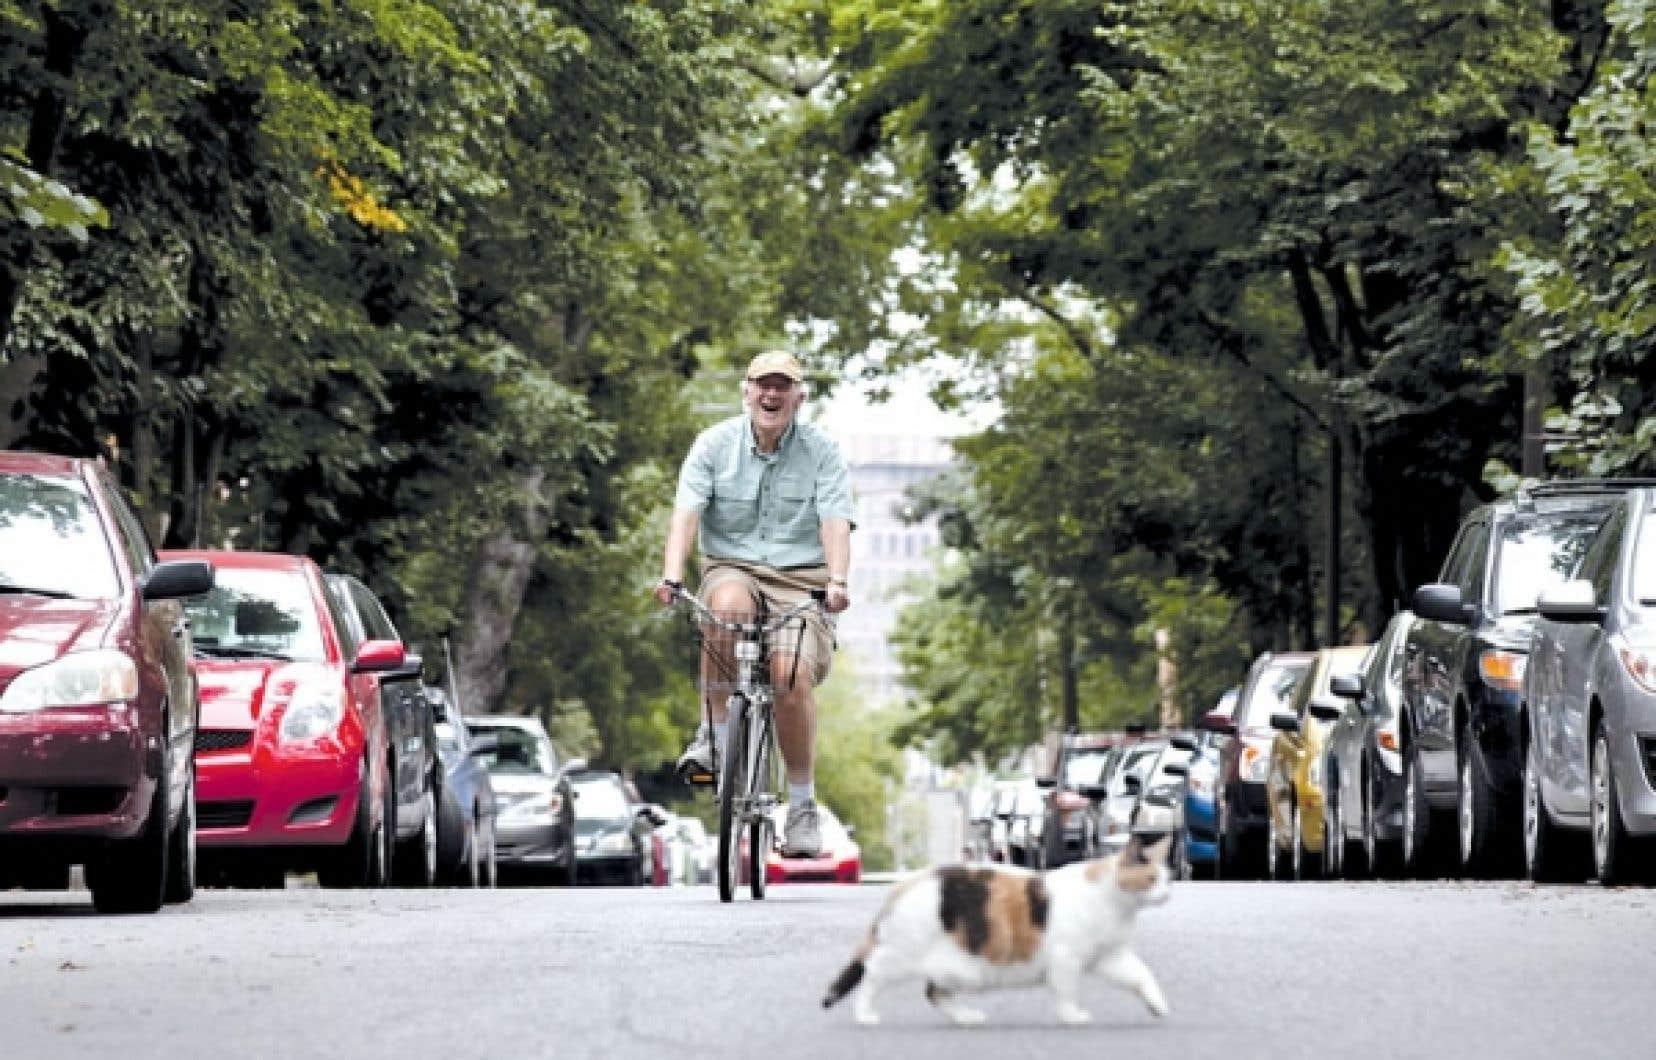 <div> Le chercheur américain John Pucher en promenade à bicyclette dans les rues de Québec.</div>